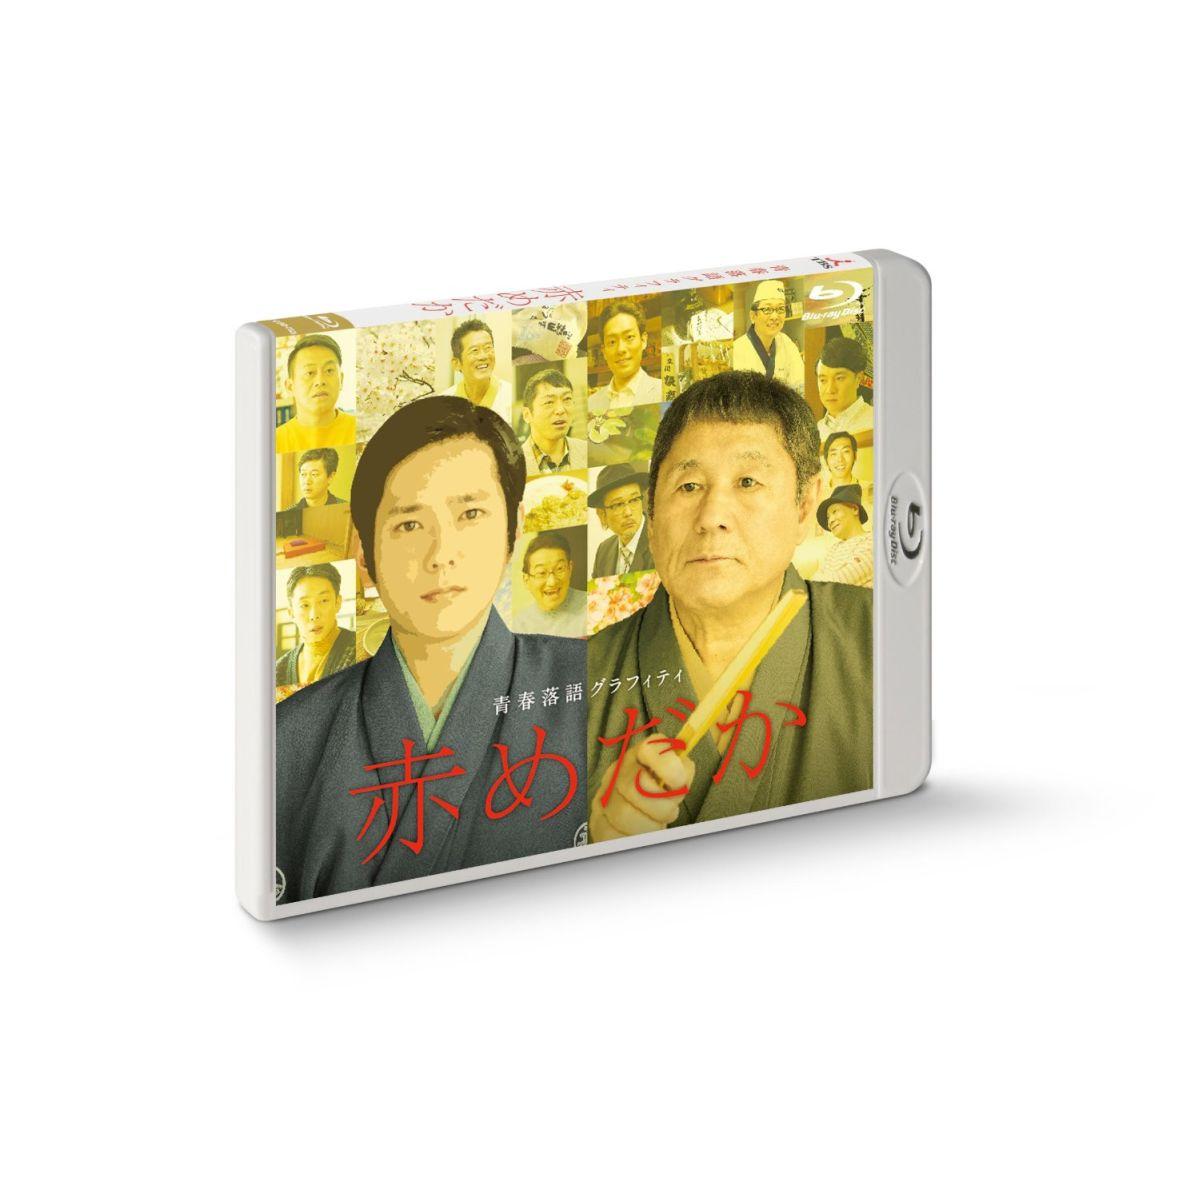 赤めだか Blu-ray[TCBD-0523][Blu-ray/ブルーレイ] 製品画像